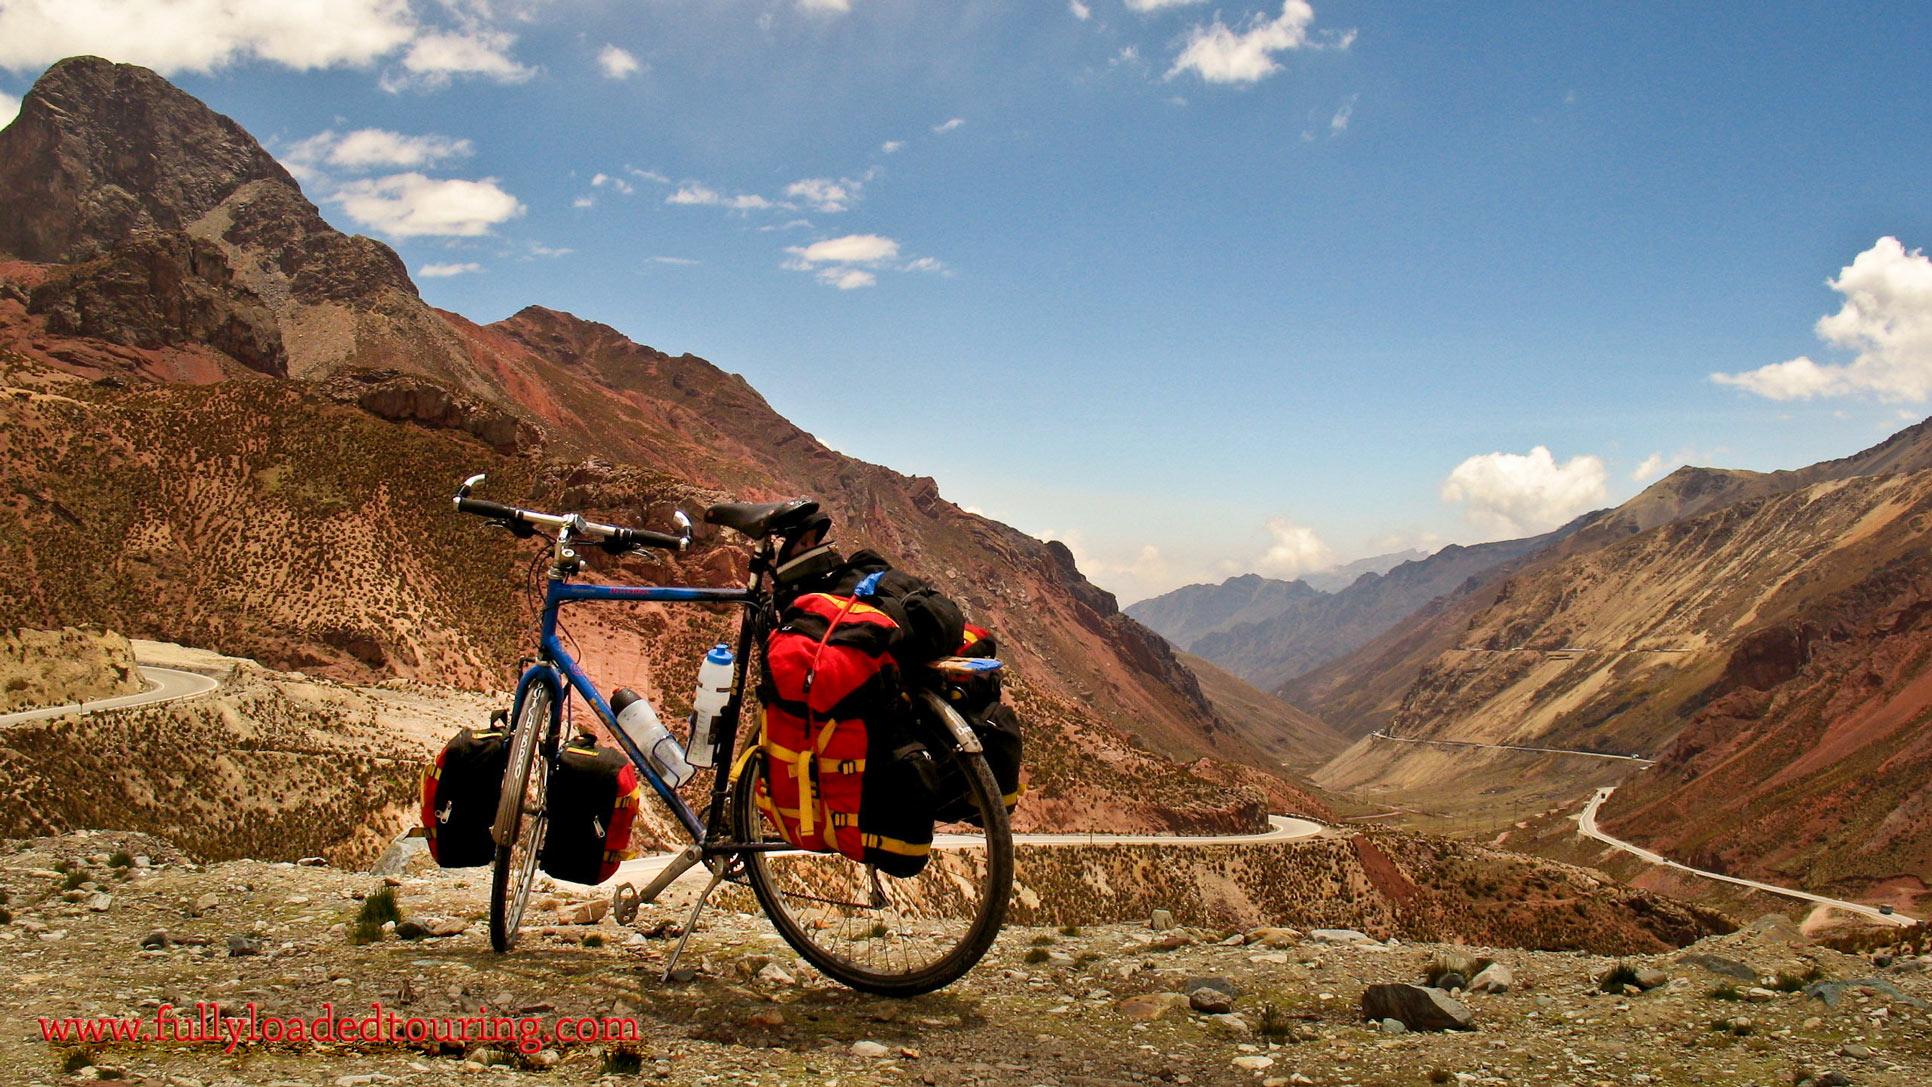 341    Sven - Touring Peru - Koga Miyata Terraliner touring bike